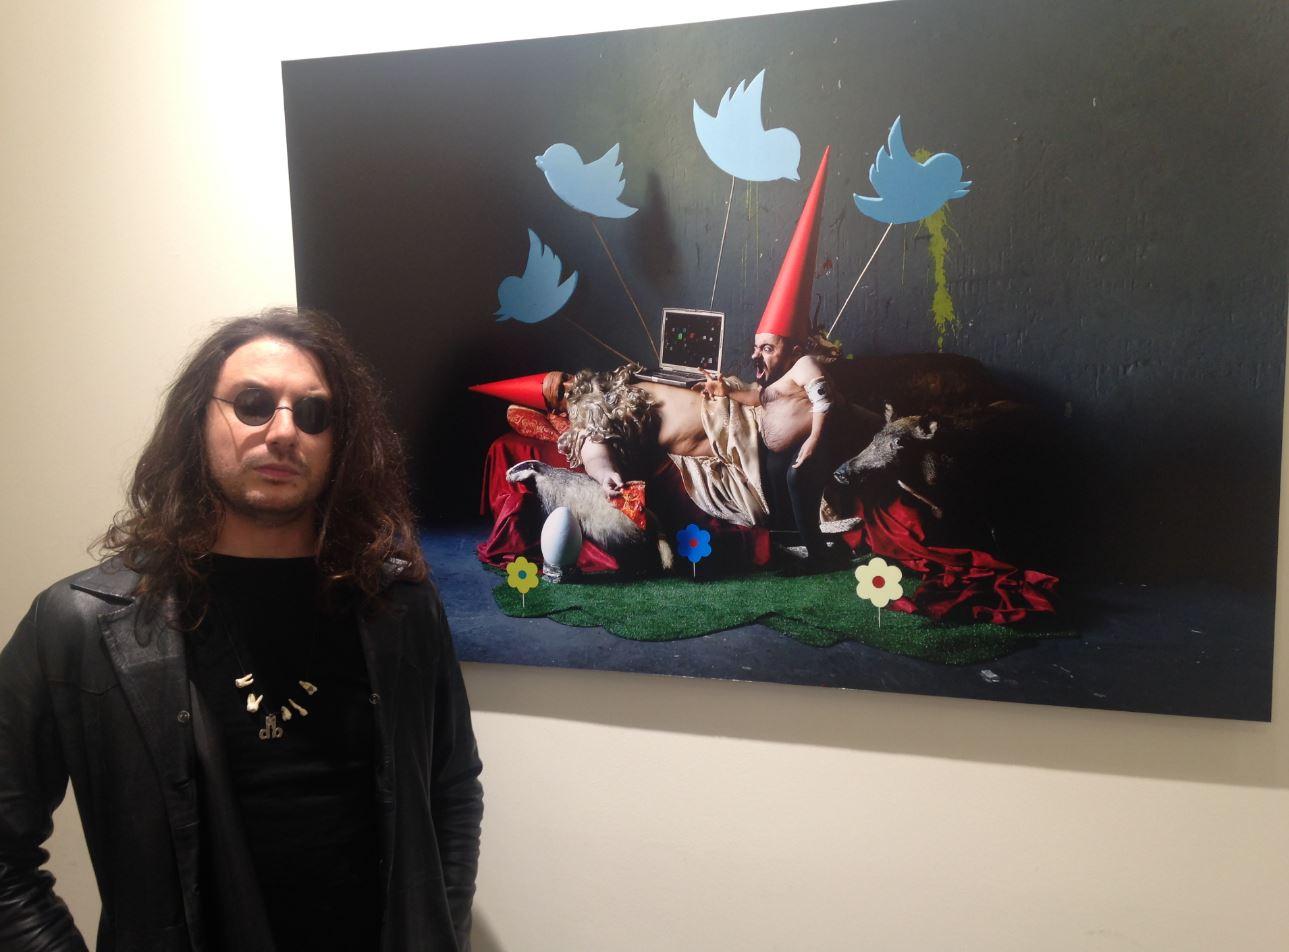 L'artista Dorothy Bhawl espone alla collettiva di Hive Tattoo Art Gallery a Milano. (foto: The Way Magazine)